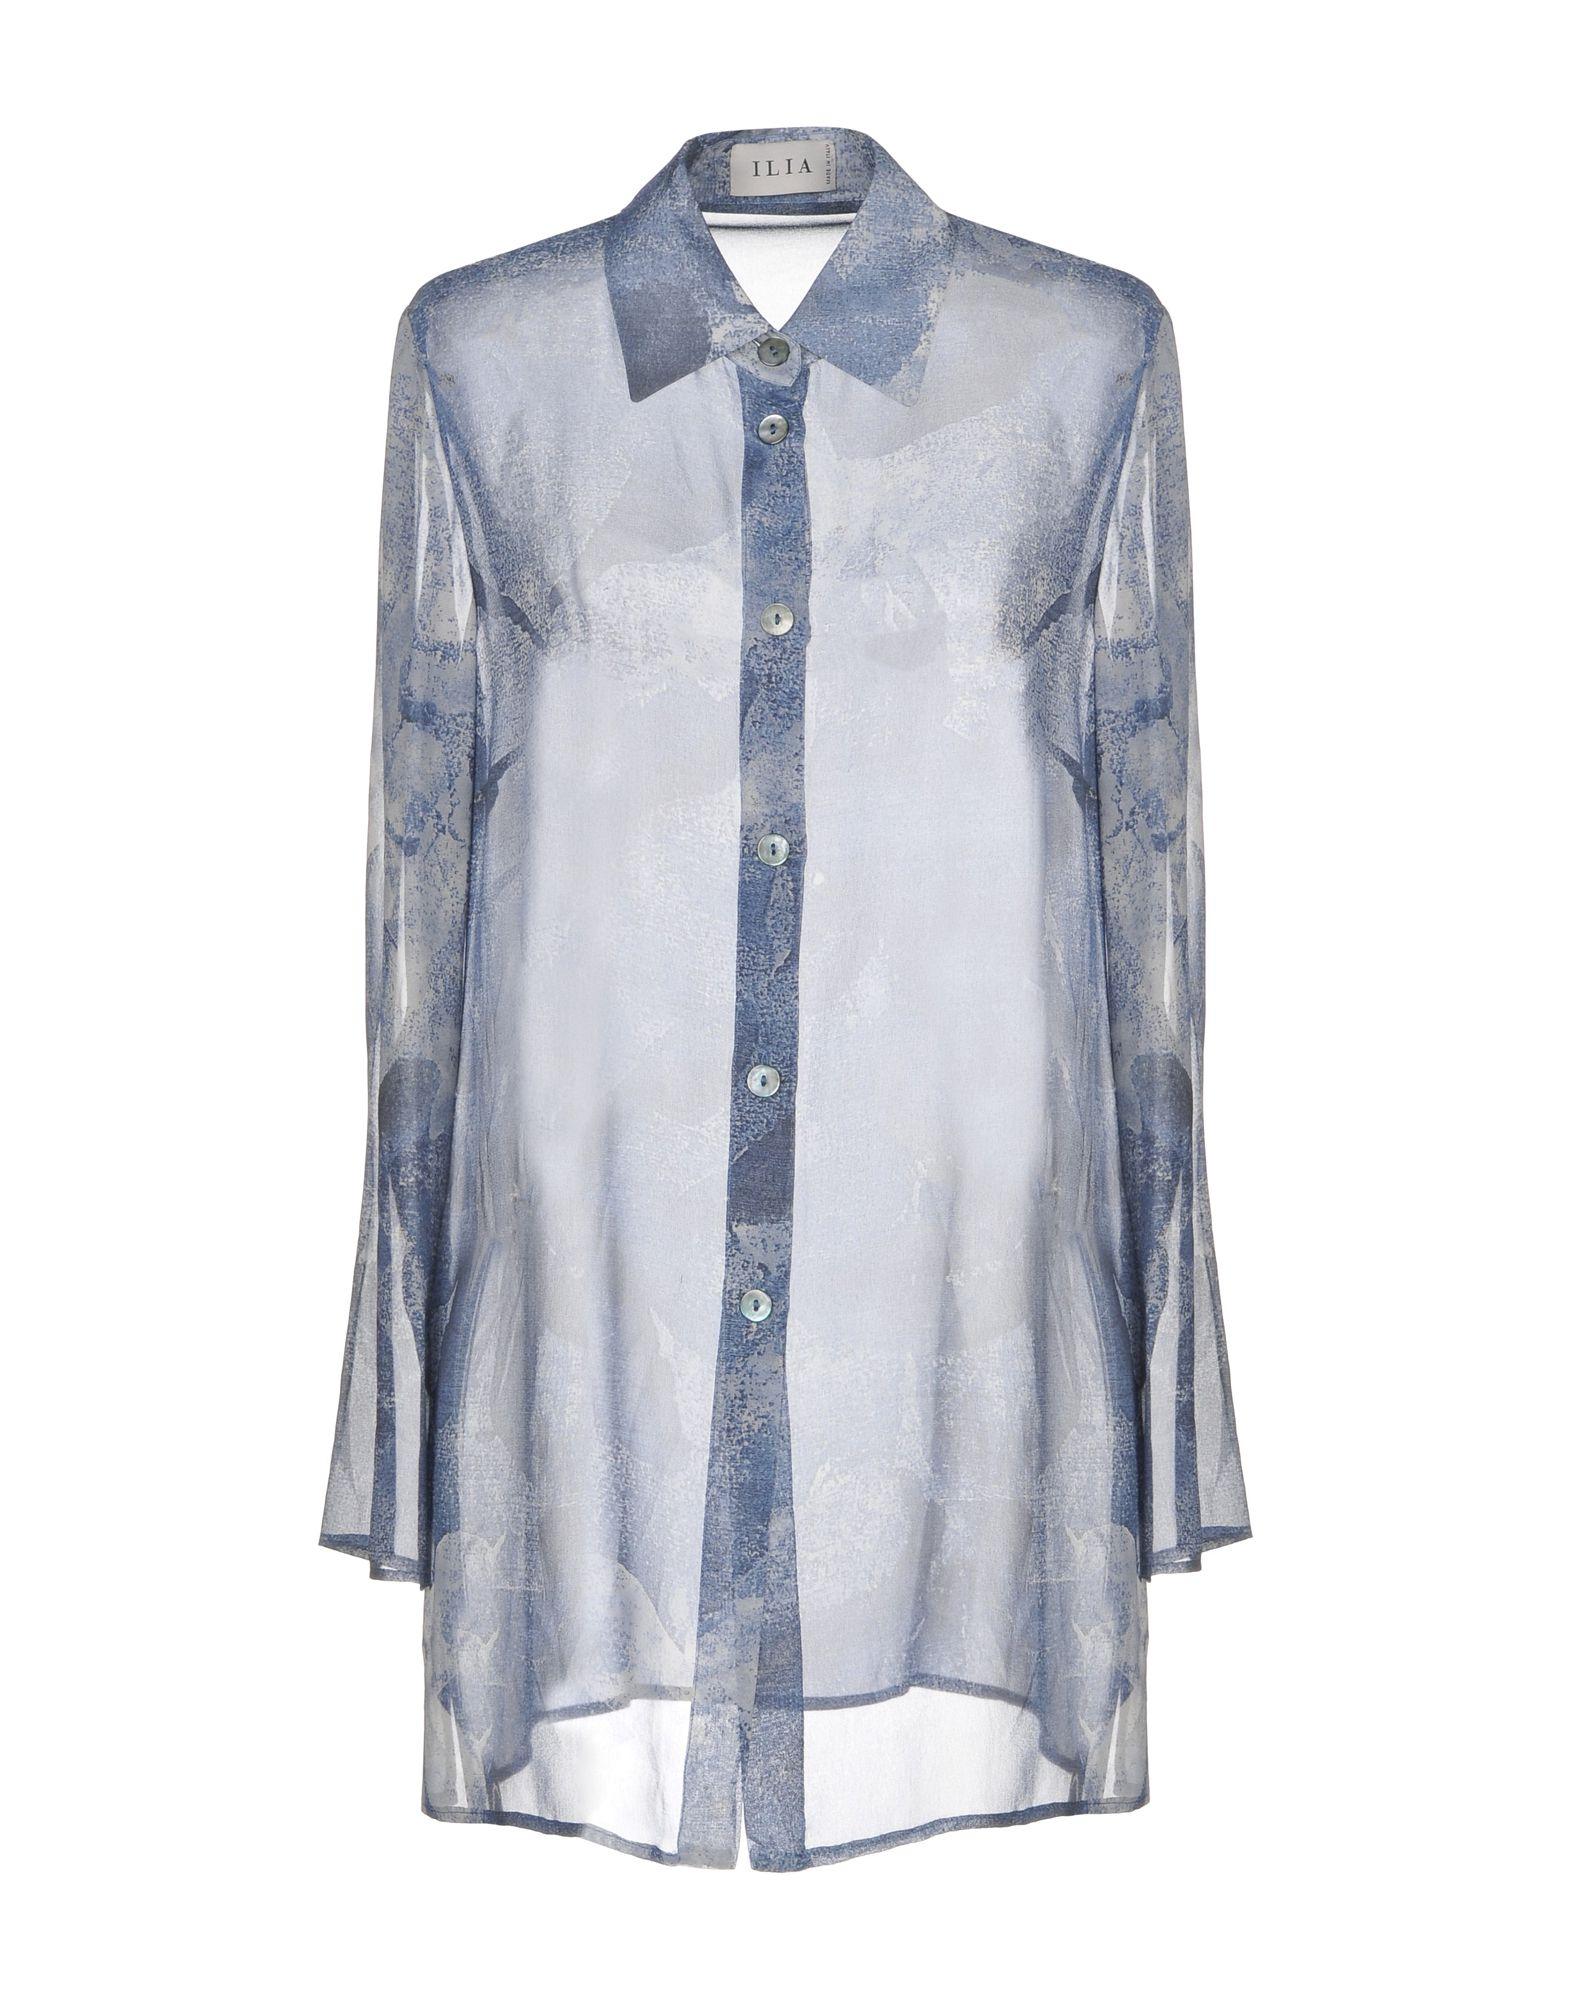 ILIA | ILIA Shirts 38771792 | Goxip